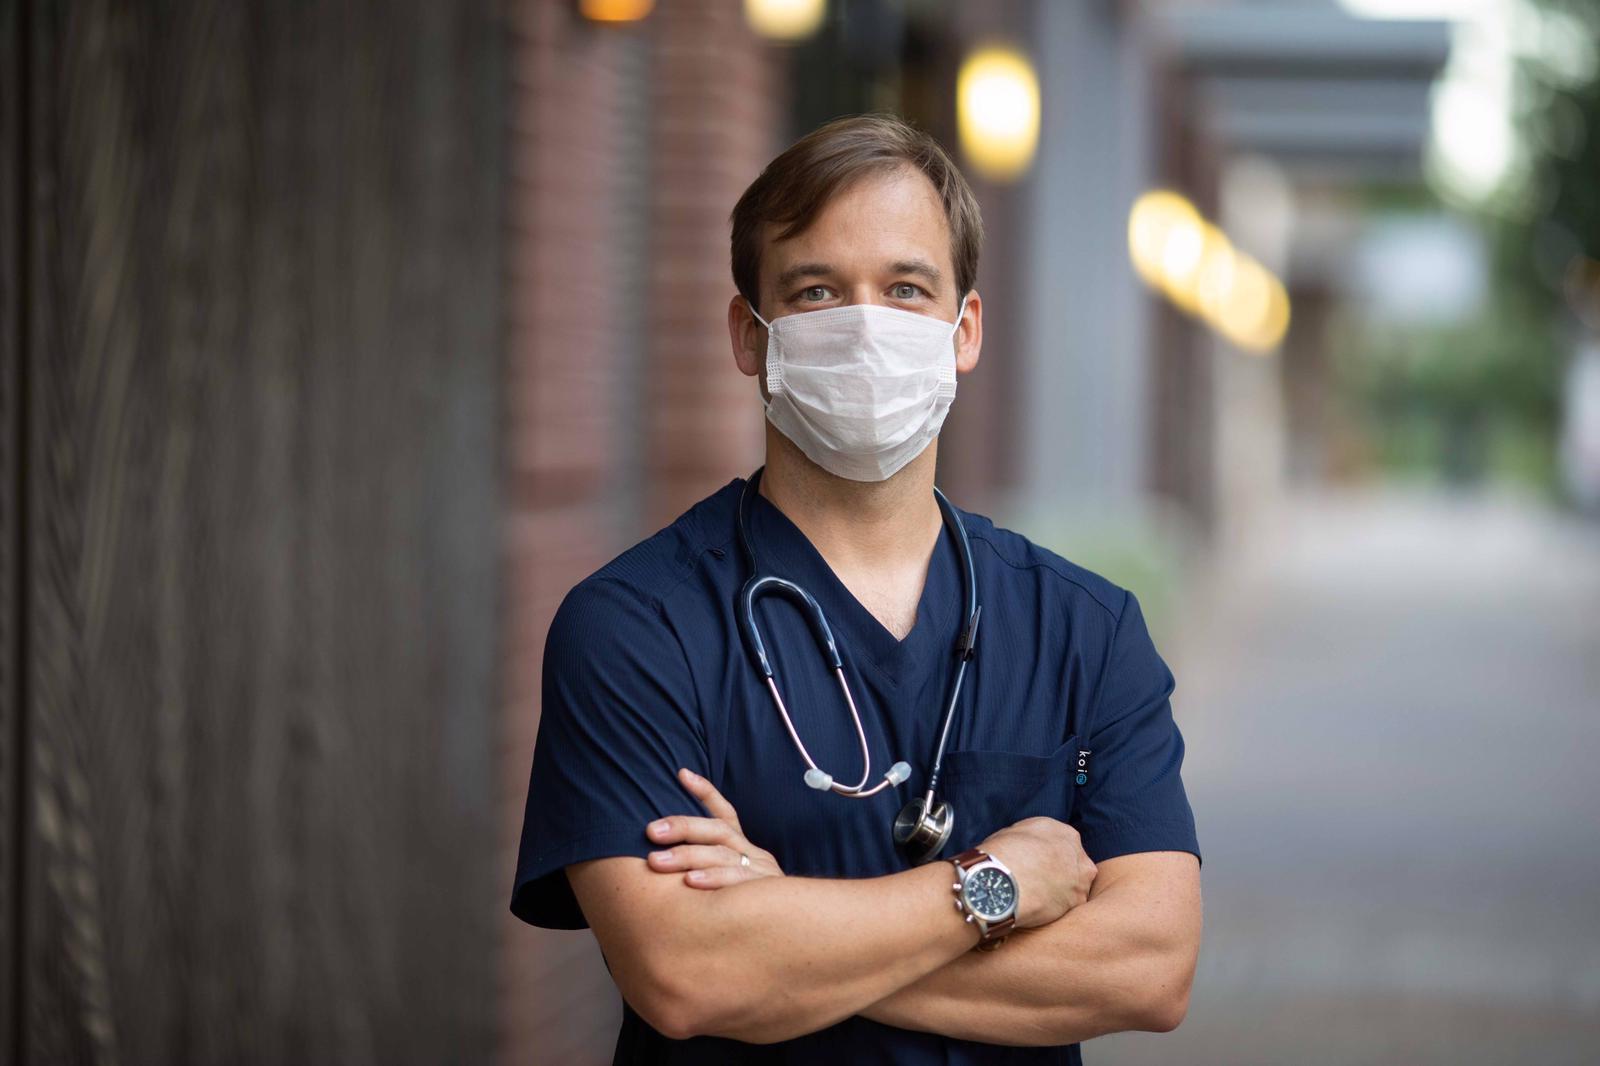 Con COVID-19 tu salud y seguridad es más importante que nunca.